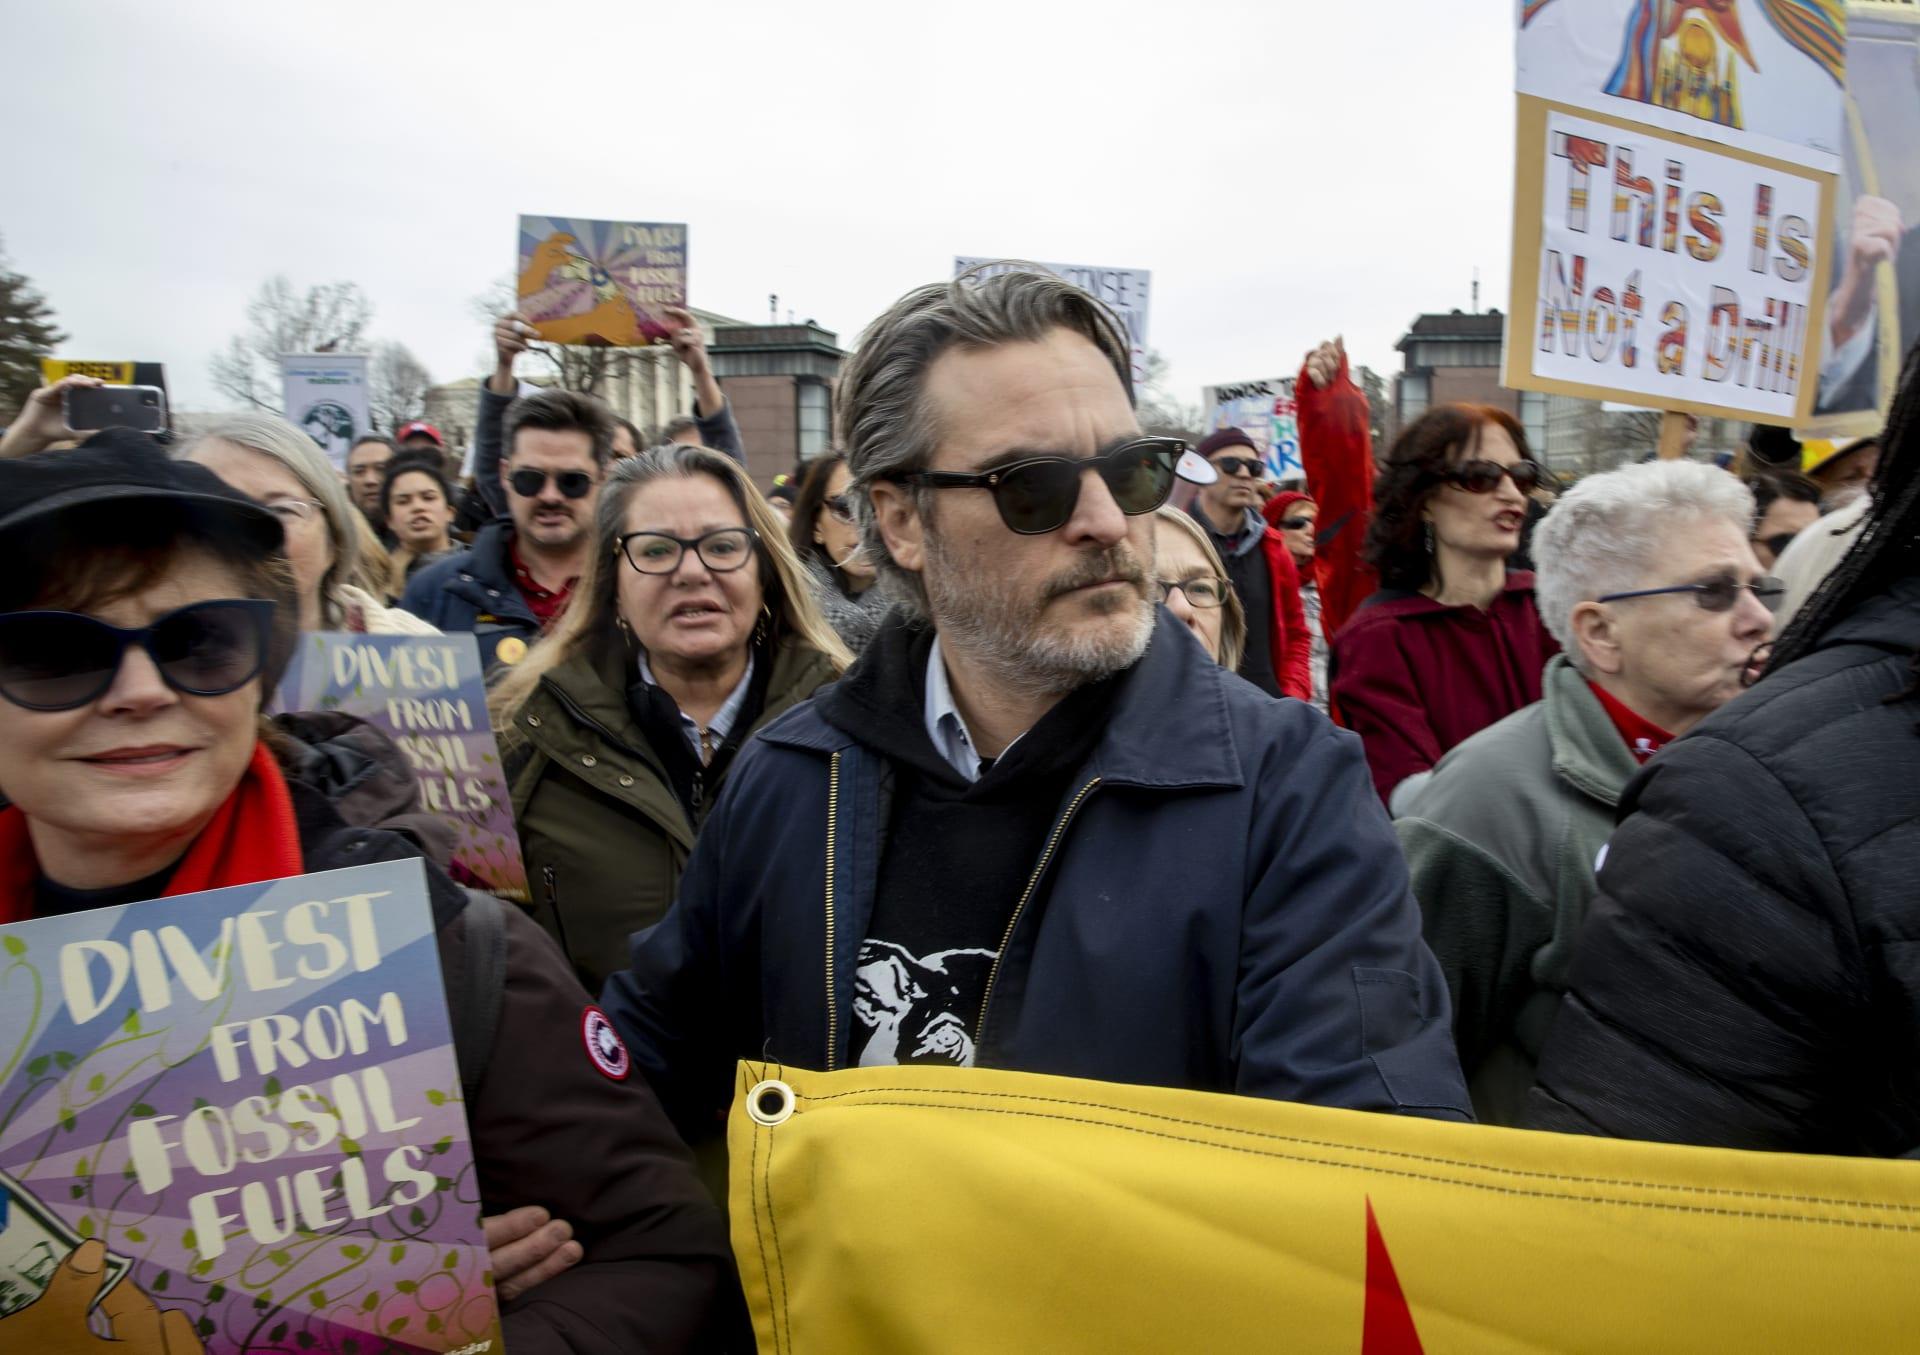 اعتقال خواكين فينيكس بطل فيلم الجوكر في احتجاجات تغير المناخ بواشنطن